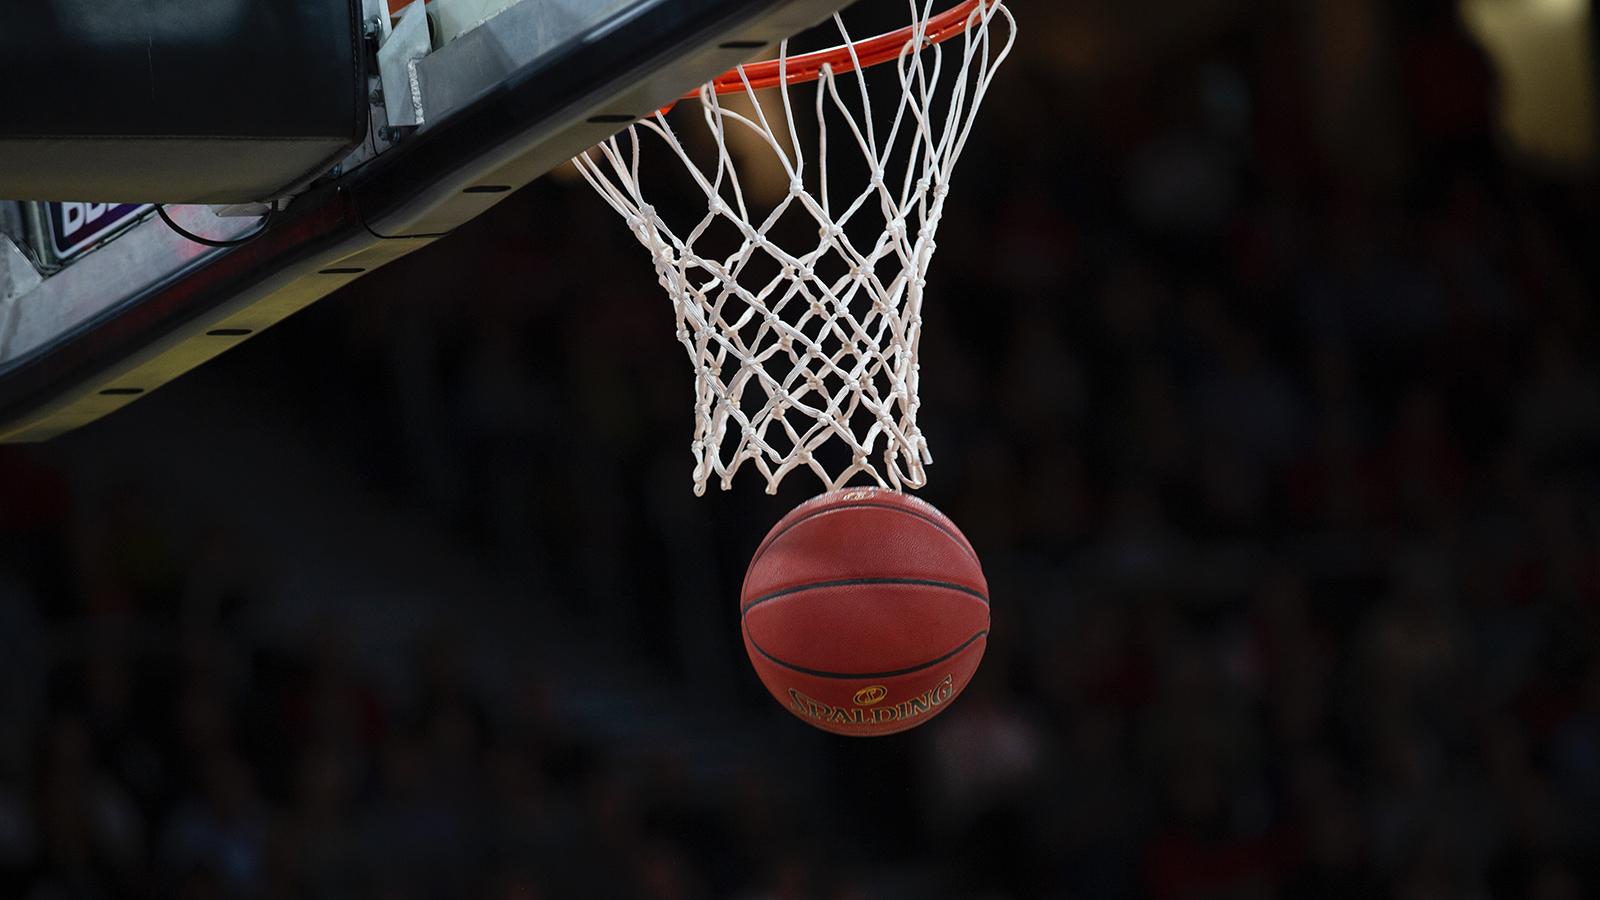 【きょうのスポーツ】NBA史上初の日本人プレーオフ出場選手・八村塁が第2戦へ|バスケットボール